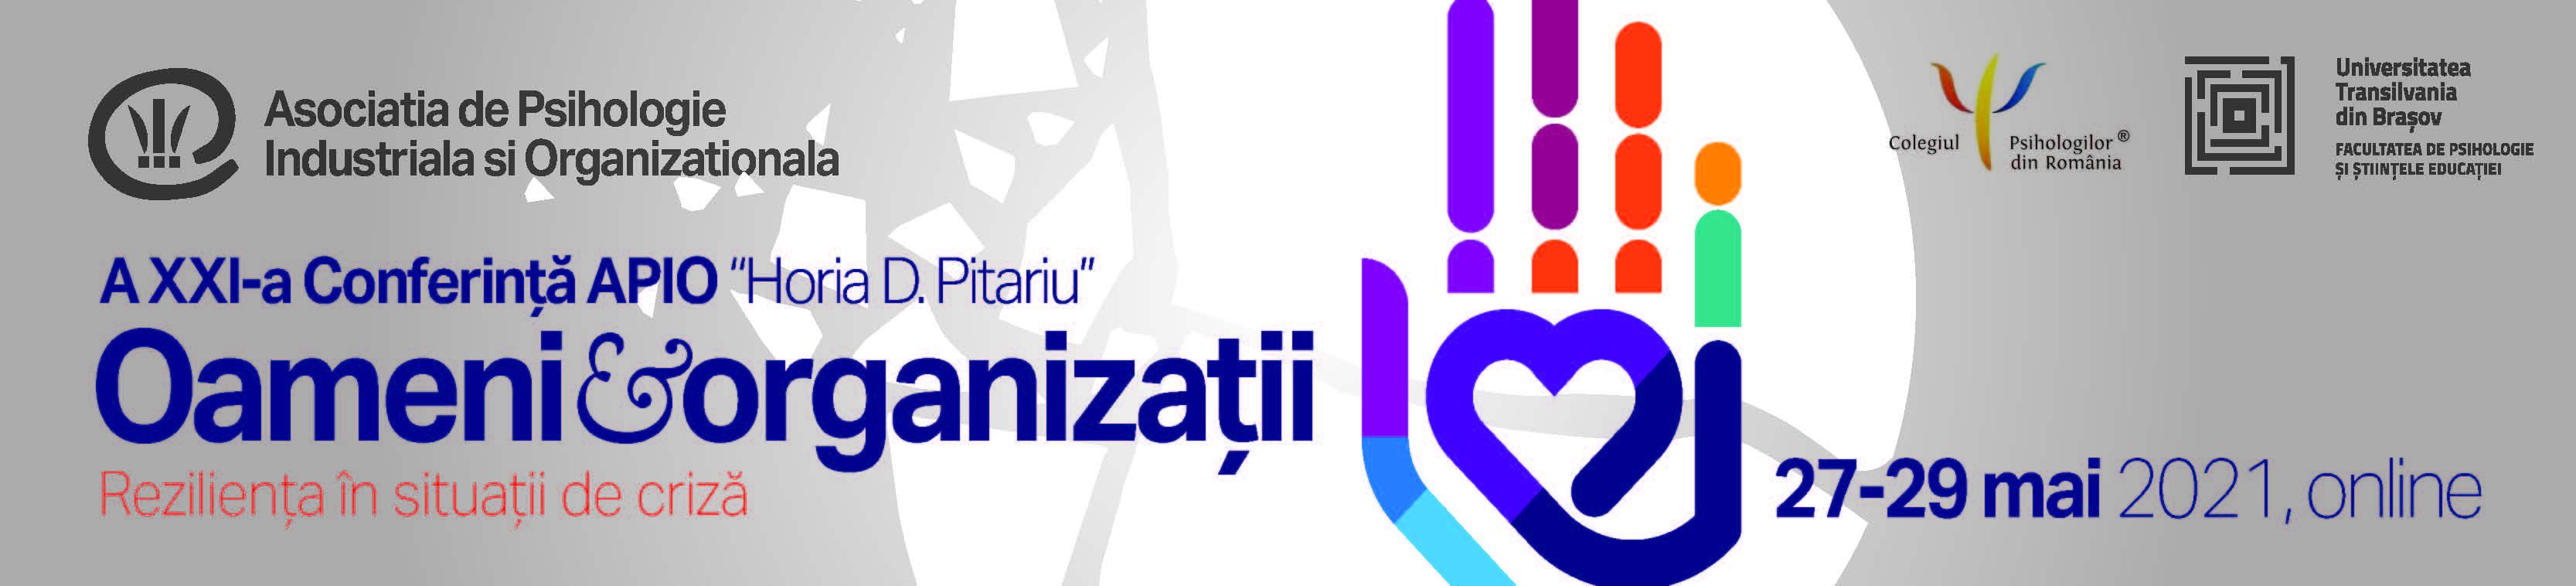 apio_conf_oameni_2021 banner